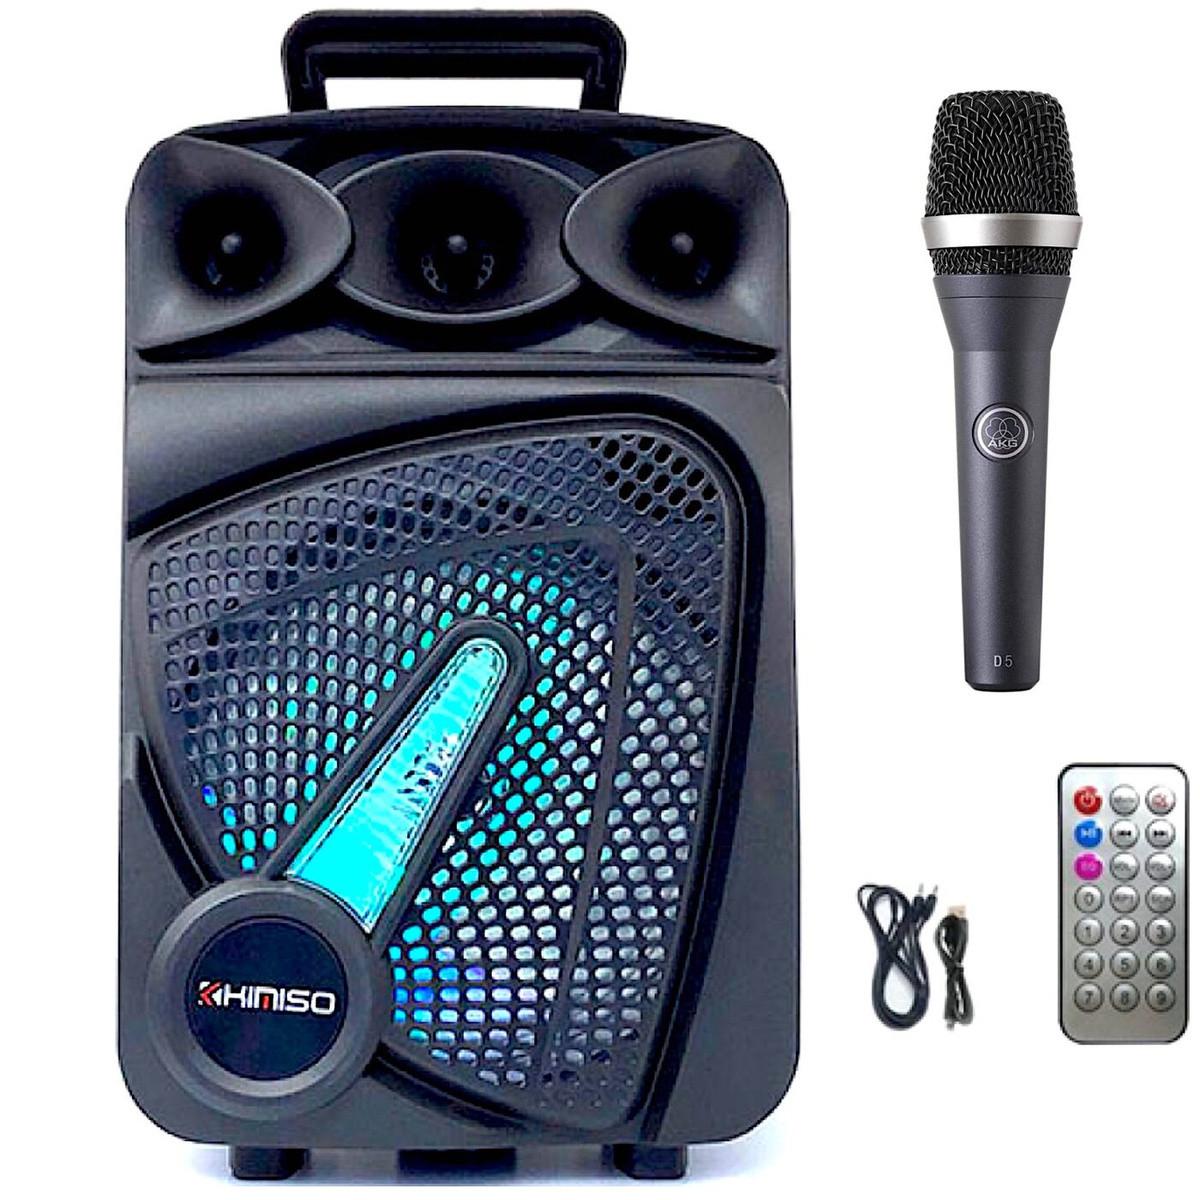 Портативная колонка Kimiso QS-823 Bluetooth, с микрофоном для караоке, FM радио, MP3, пультом